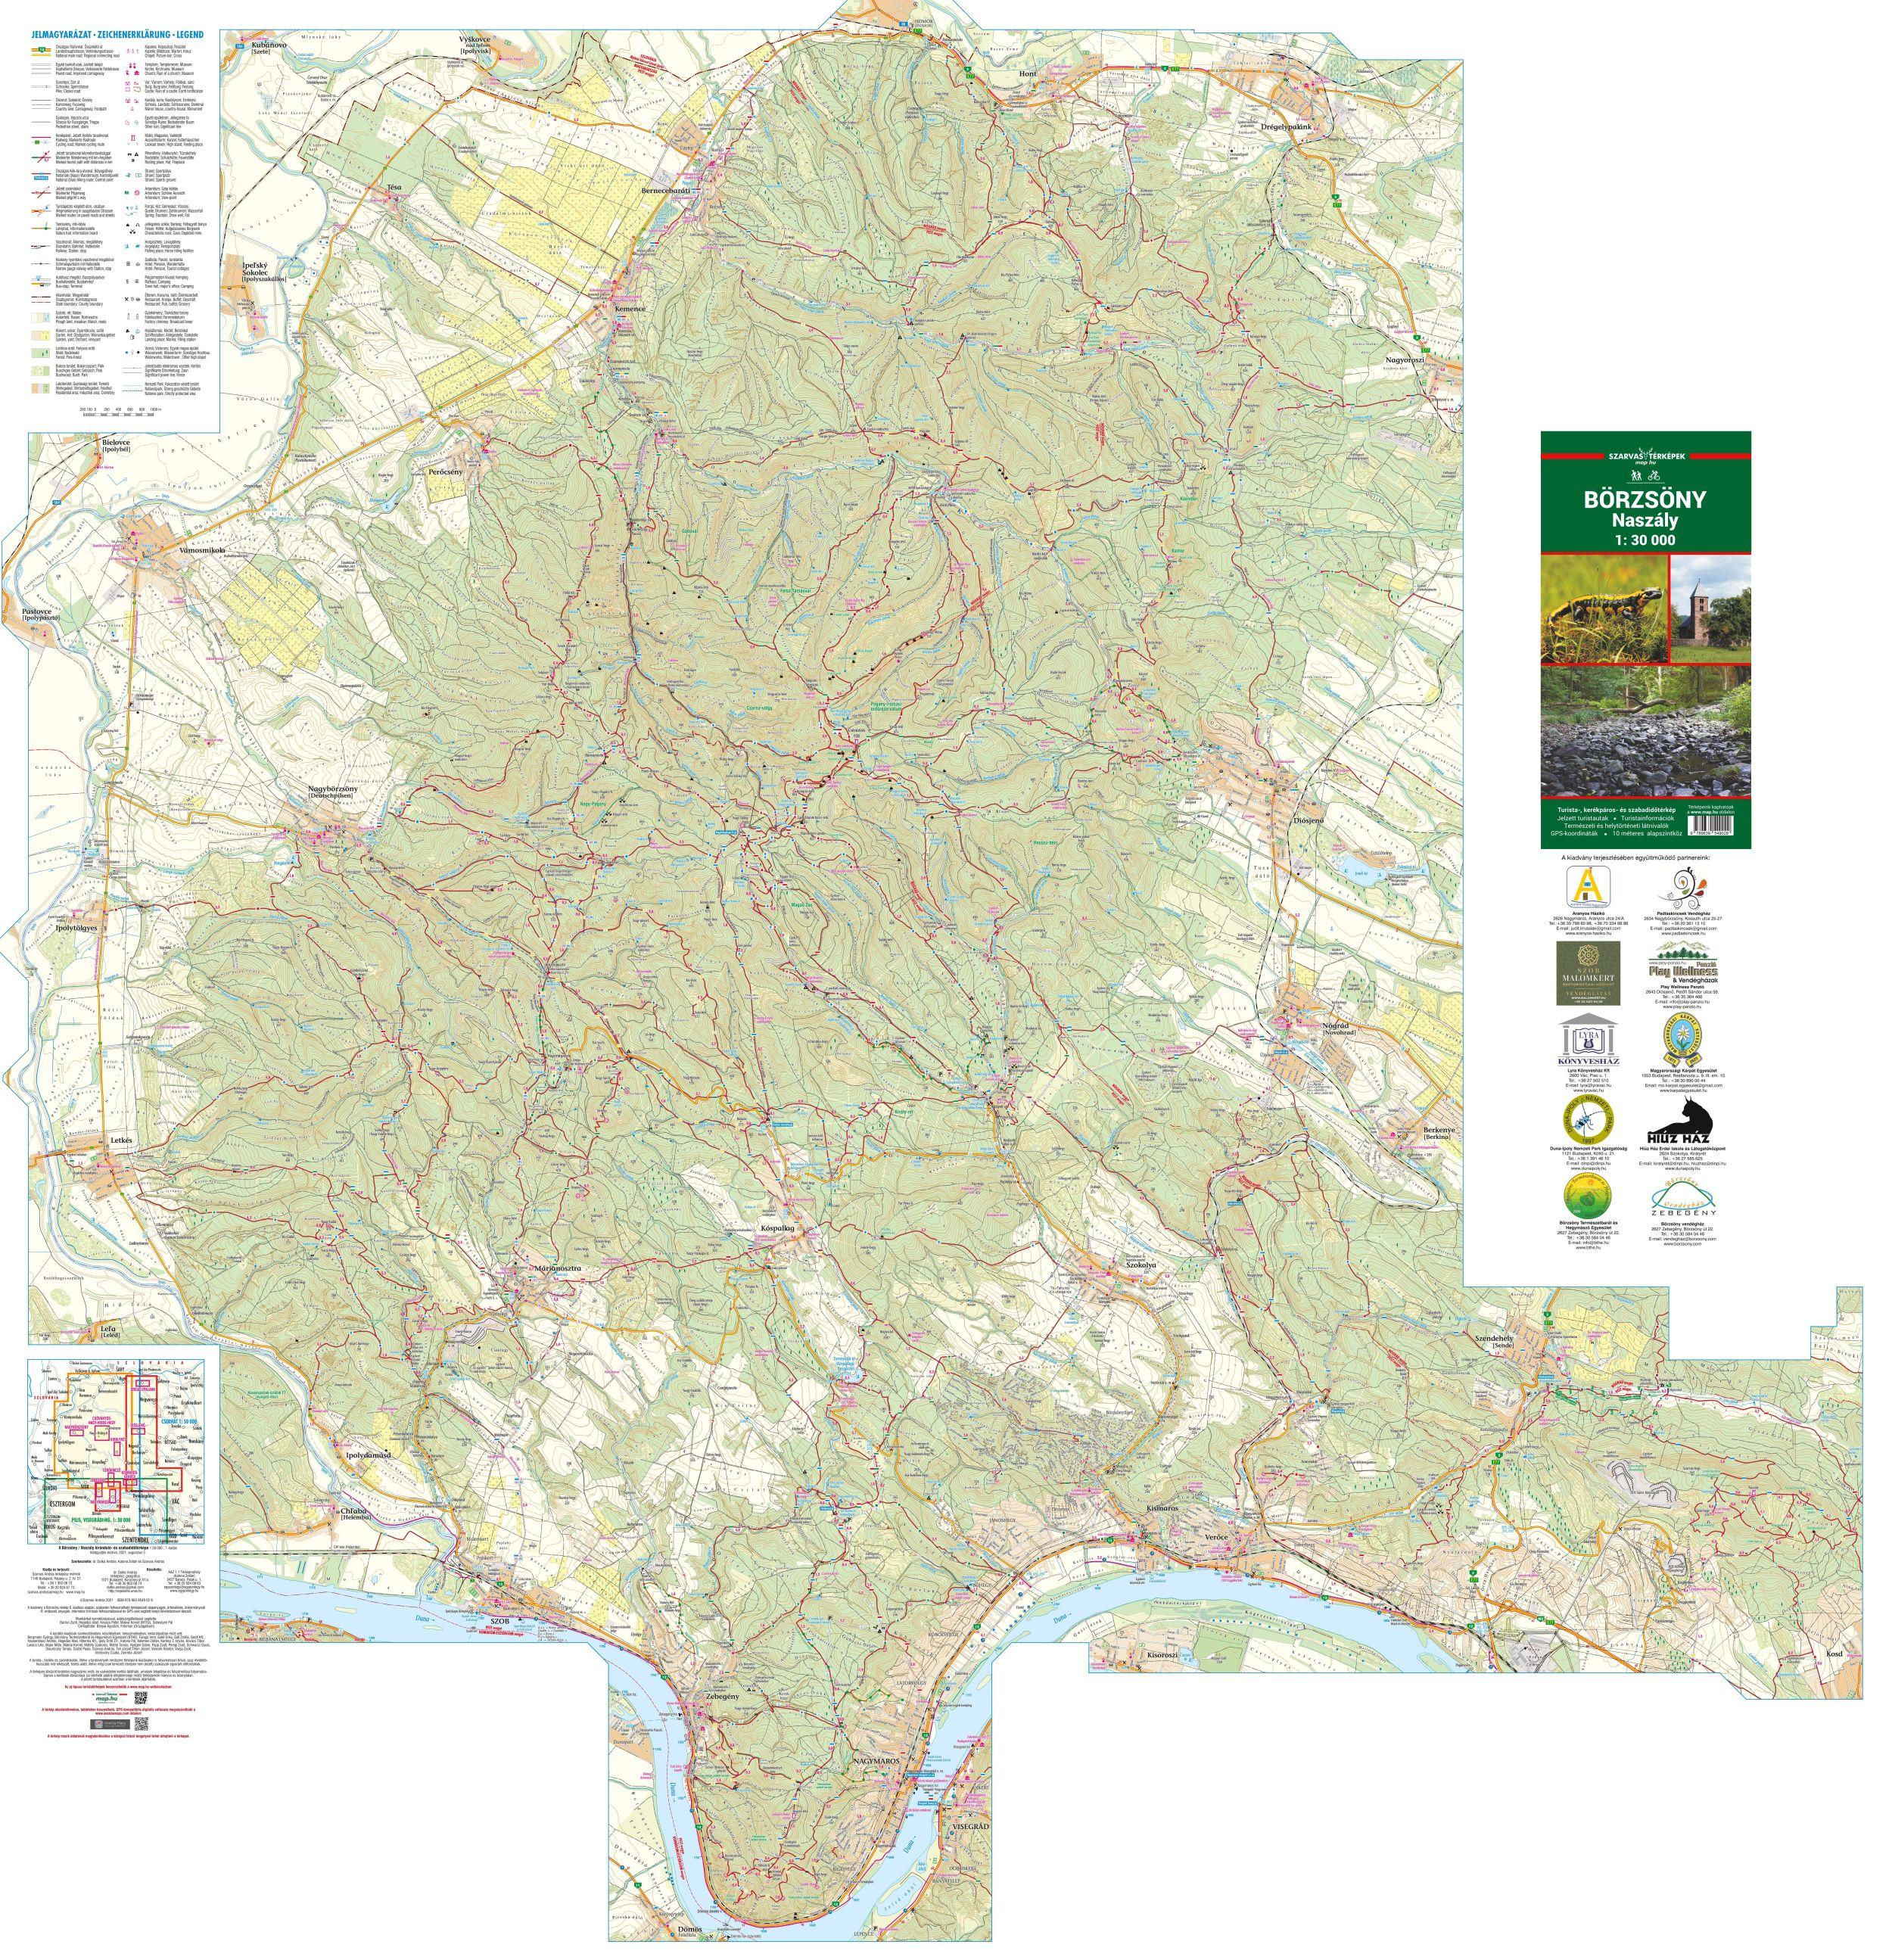 A Börzsöny-Naszály térkép által lefedett terület